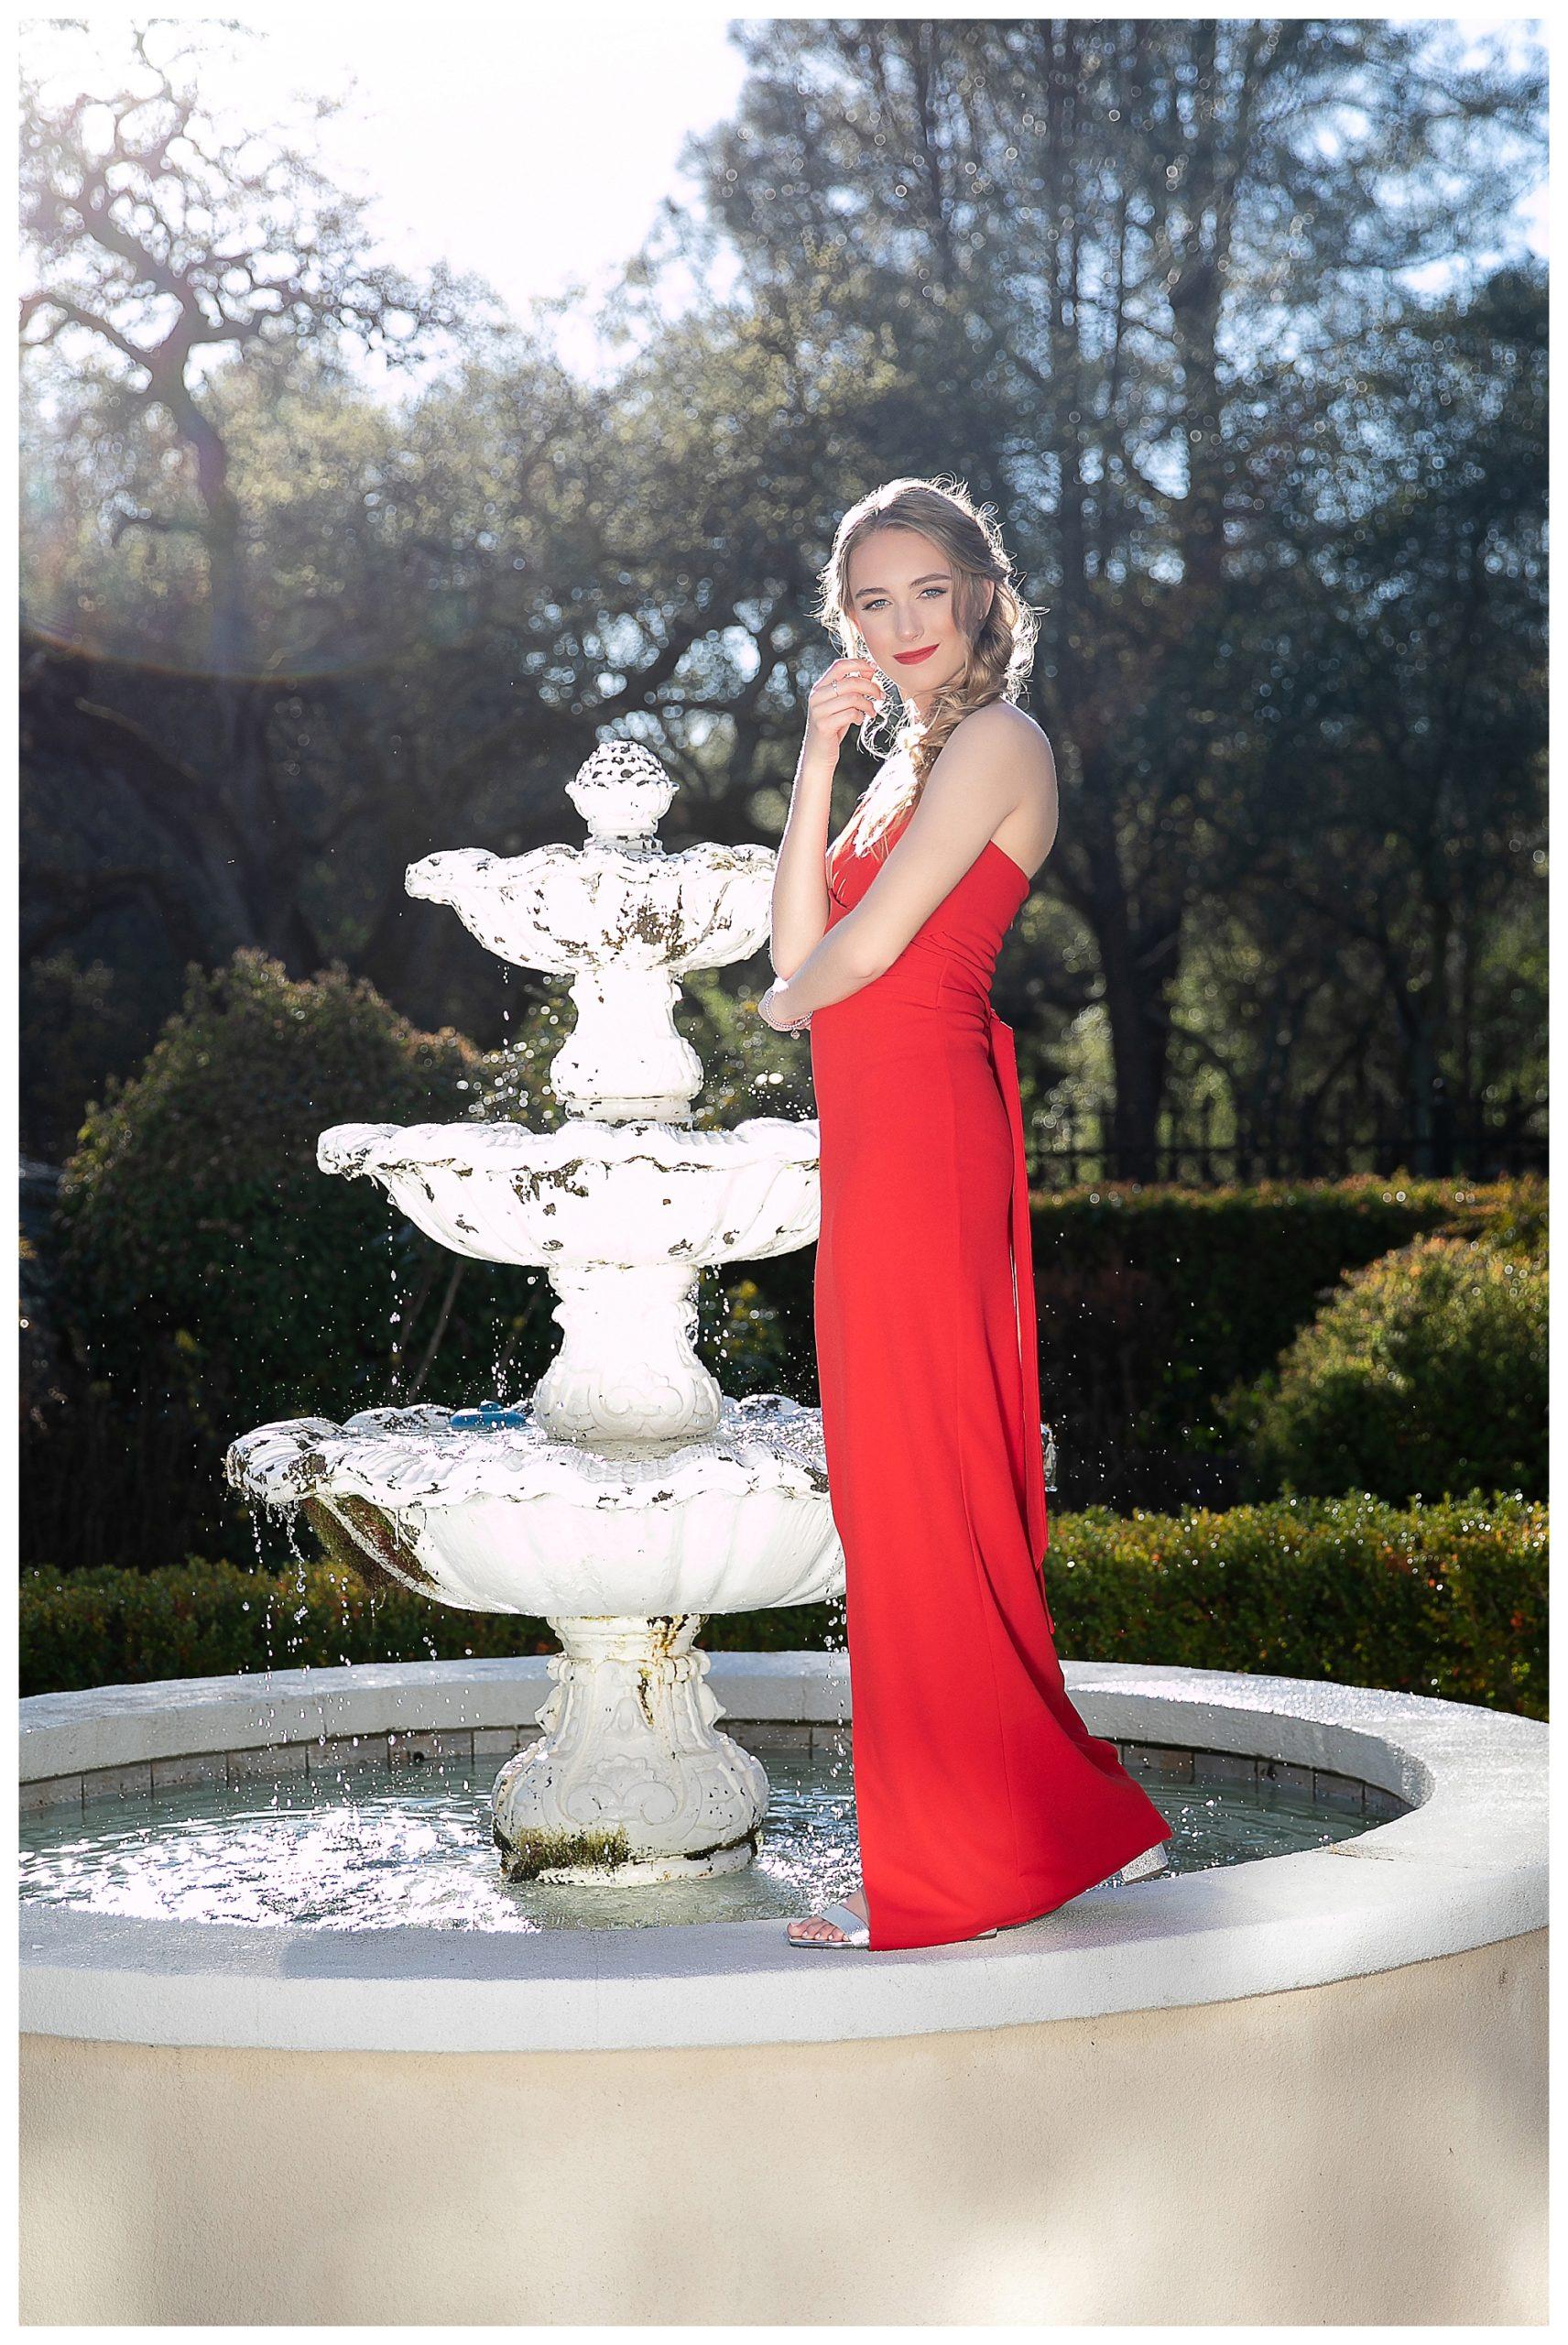 Senior high school girl in red dress